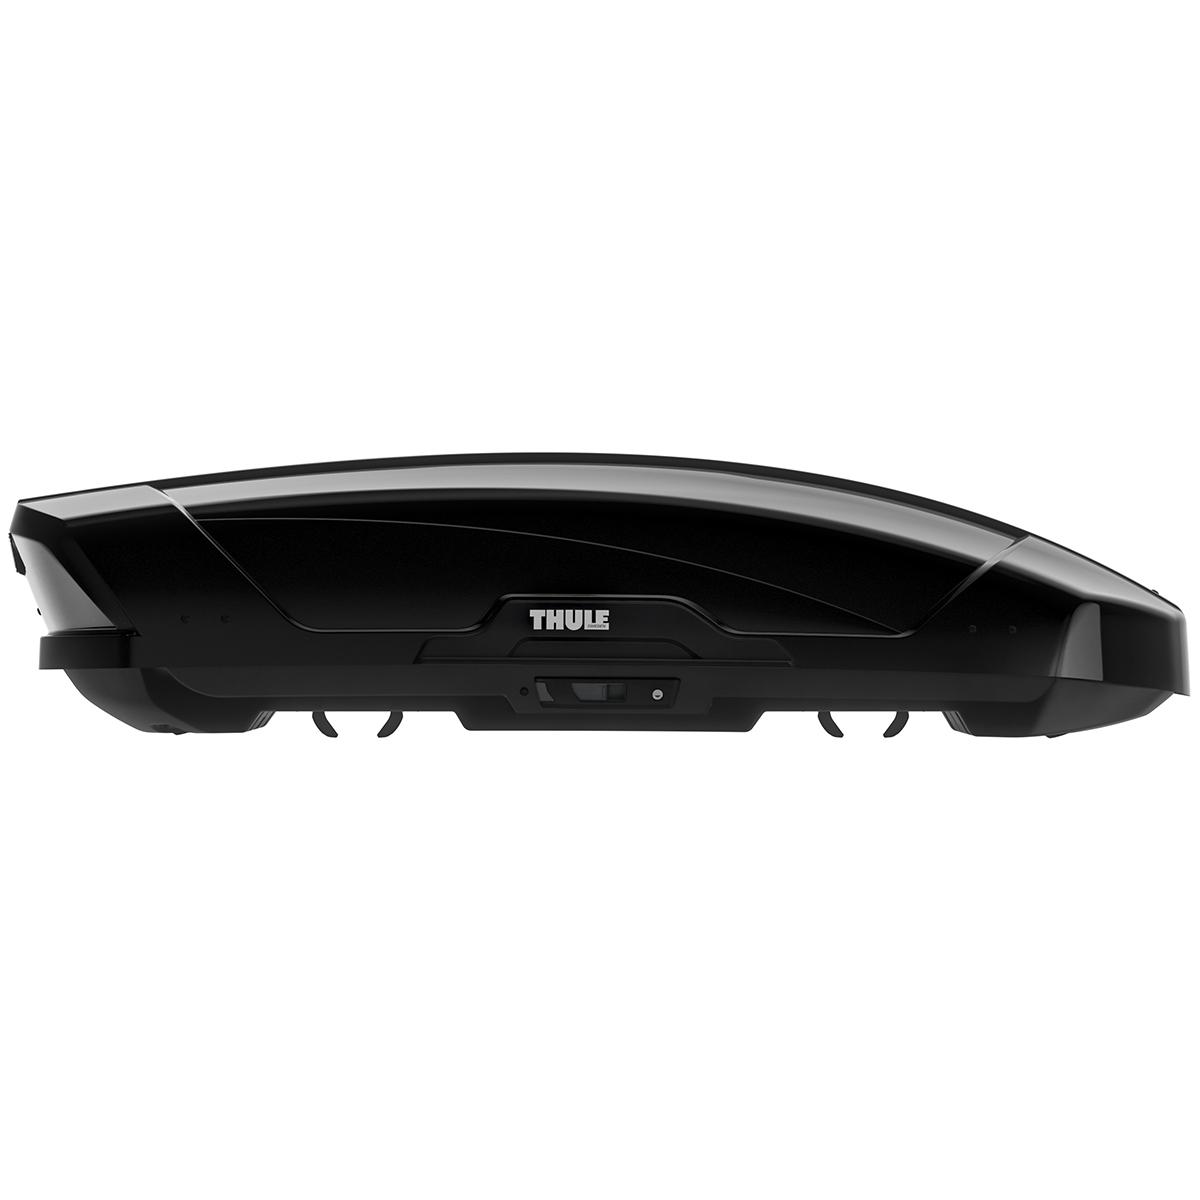 Thule Motion XT M 200 6292B (Black Glossy) Roof Box